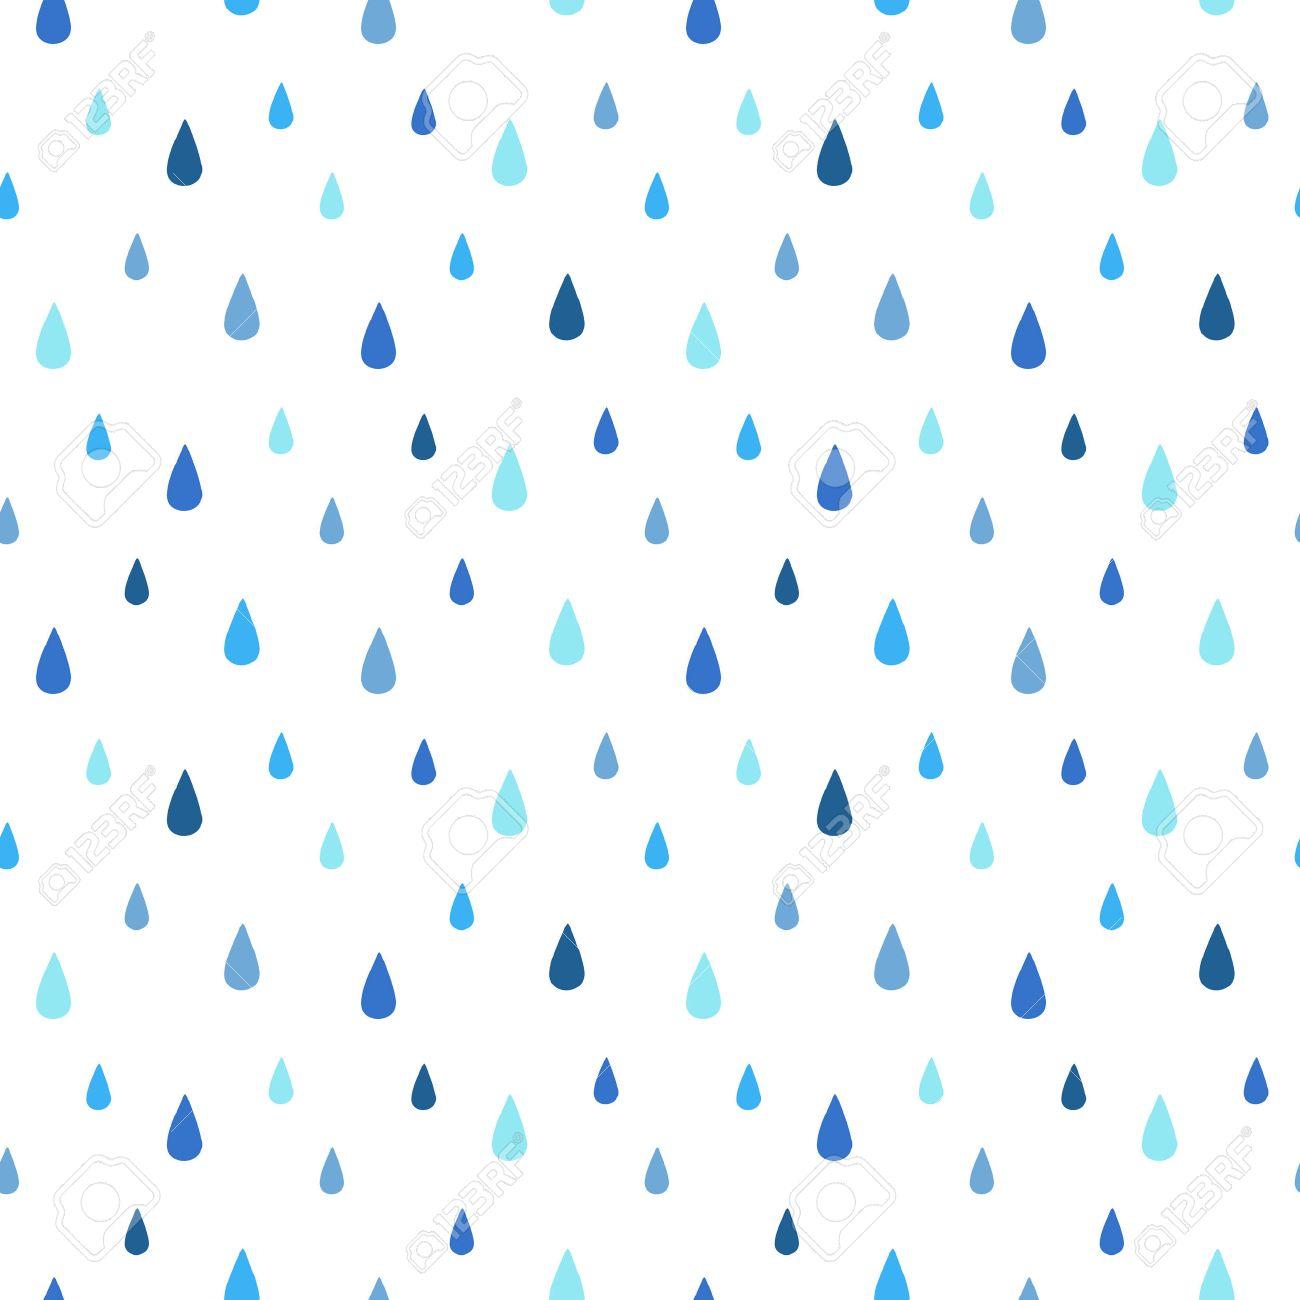 雨のシームレス パターン。流れ落ちる水を削除します。青の色合い。雨